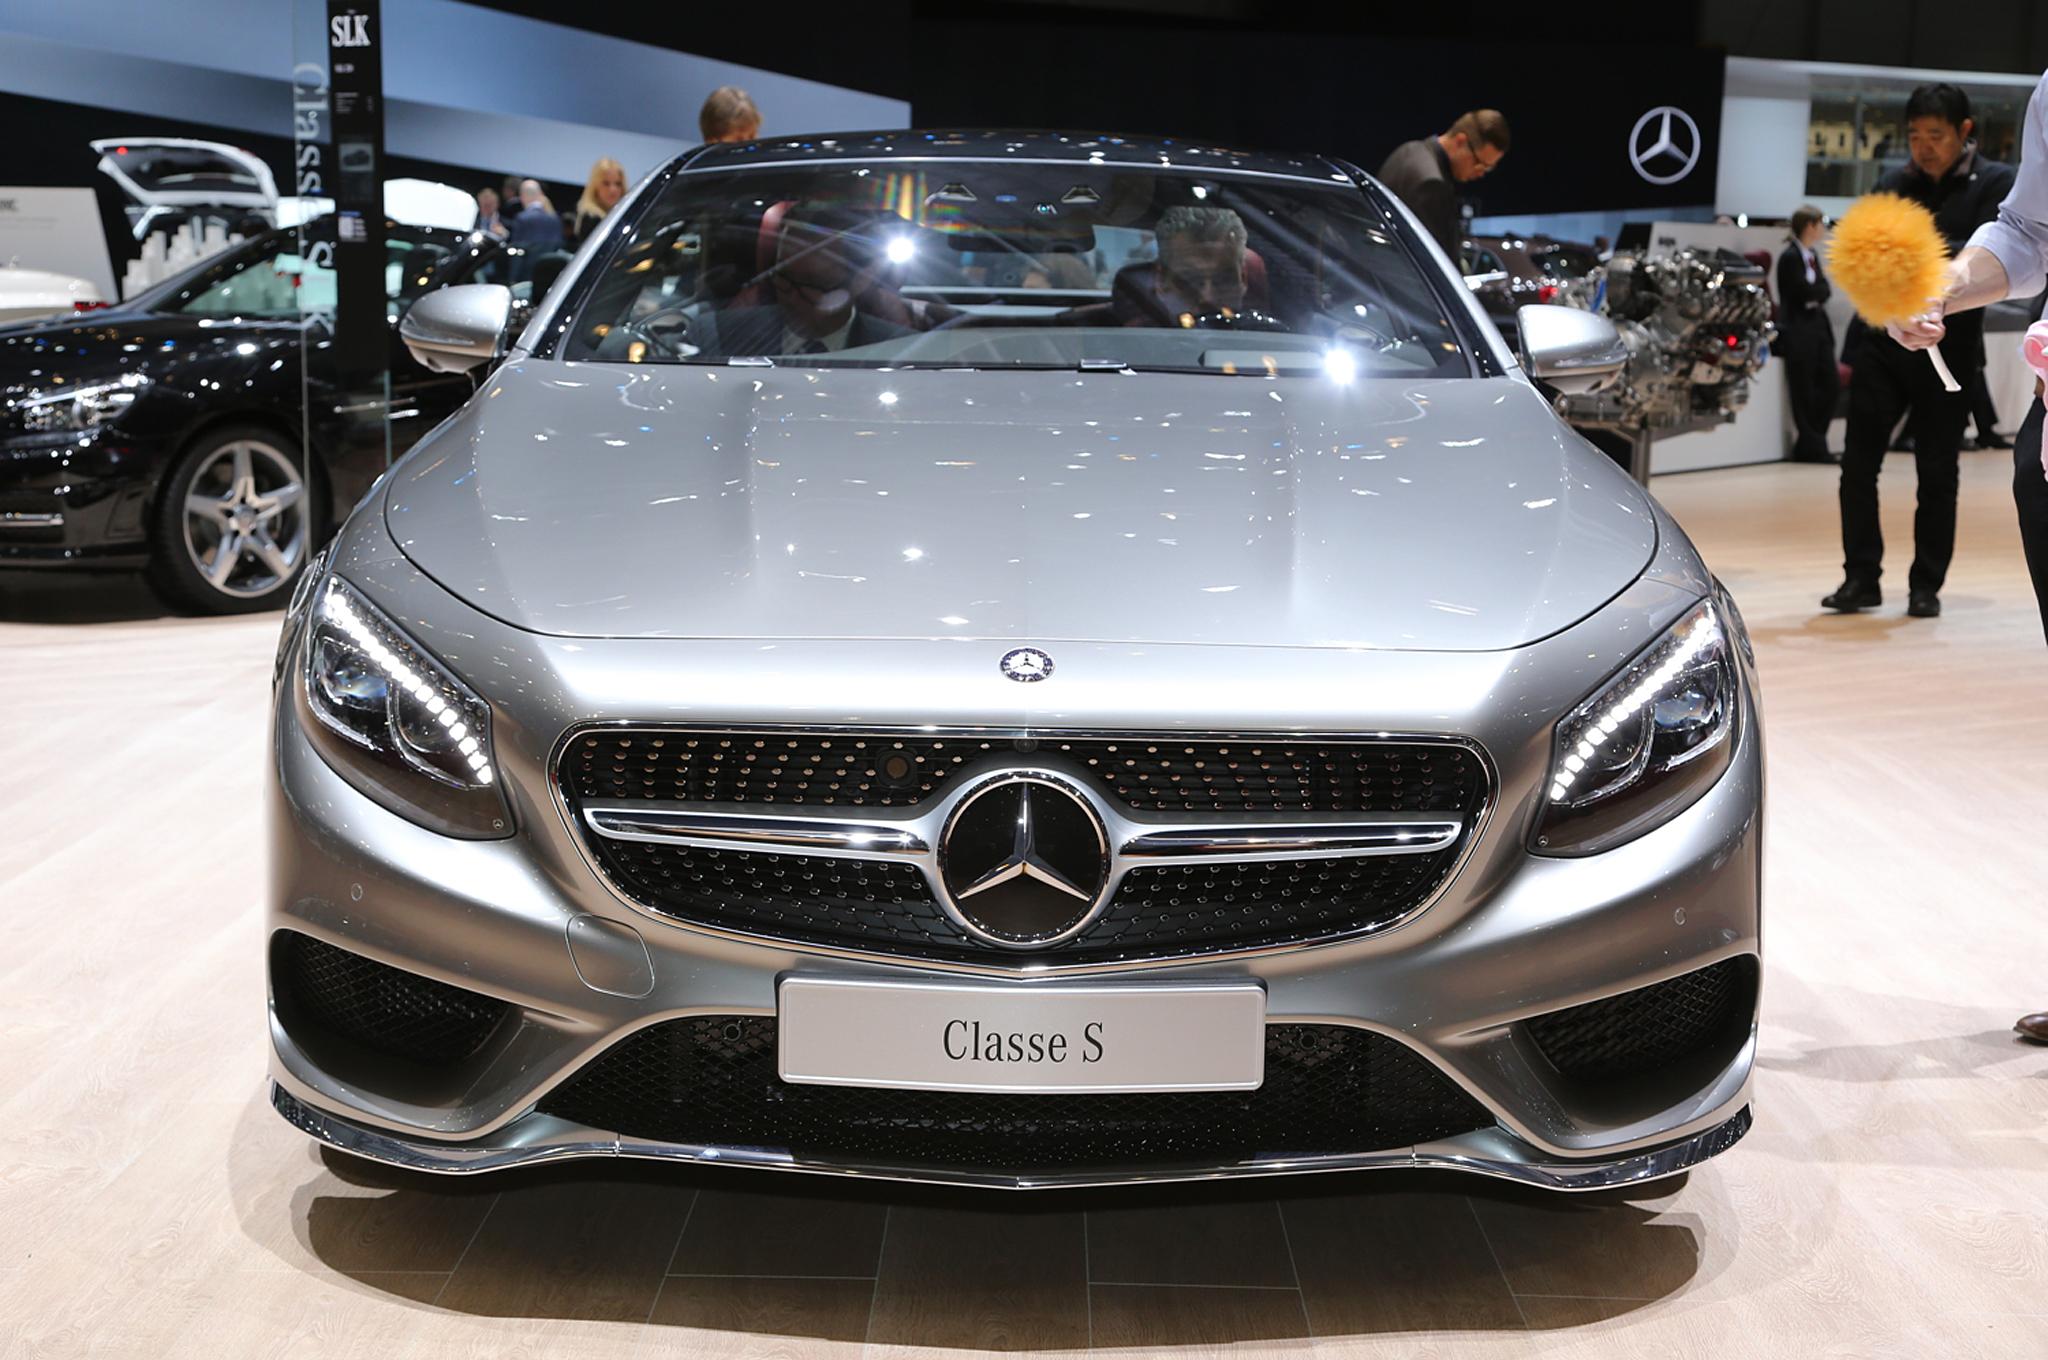 2015 Mercedes-Benz S-Class Coupe Auto Show